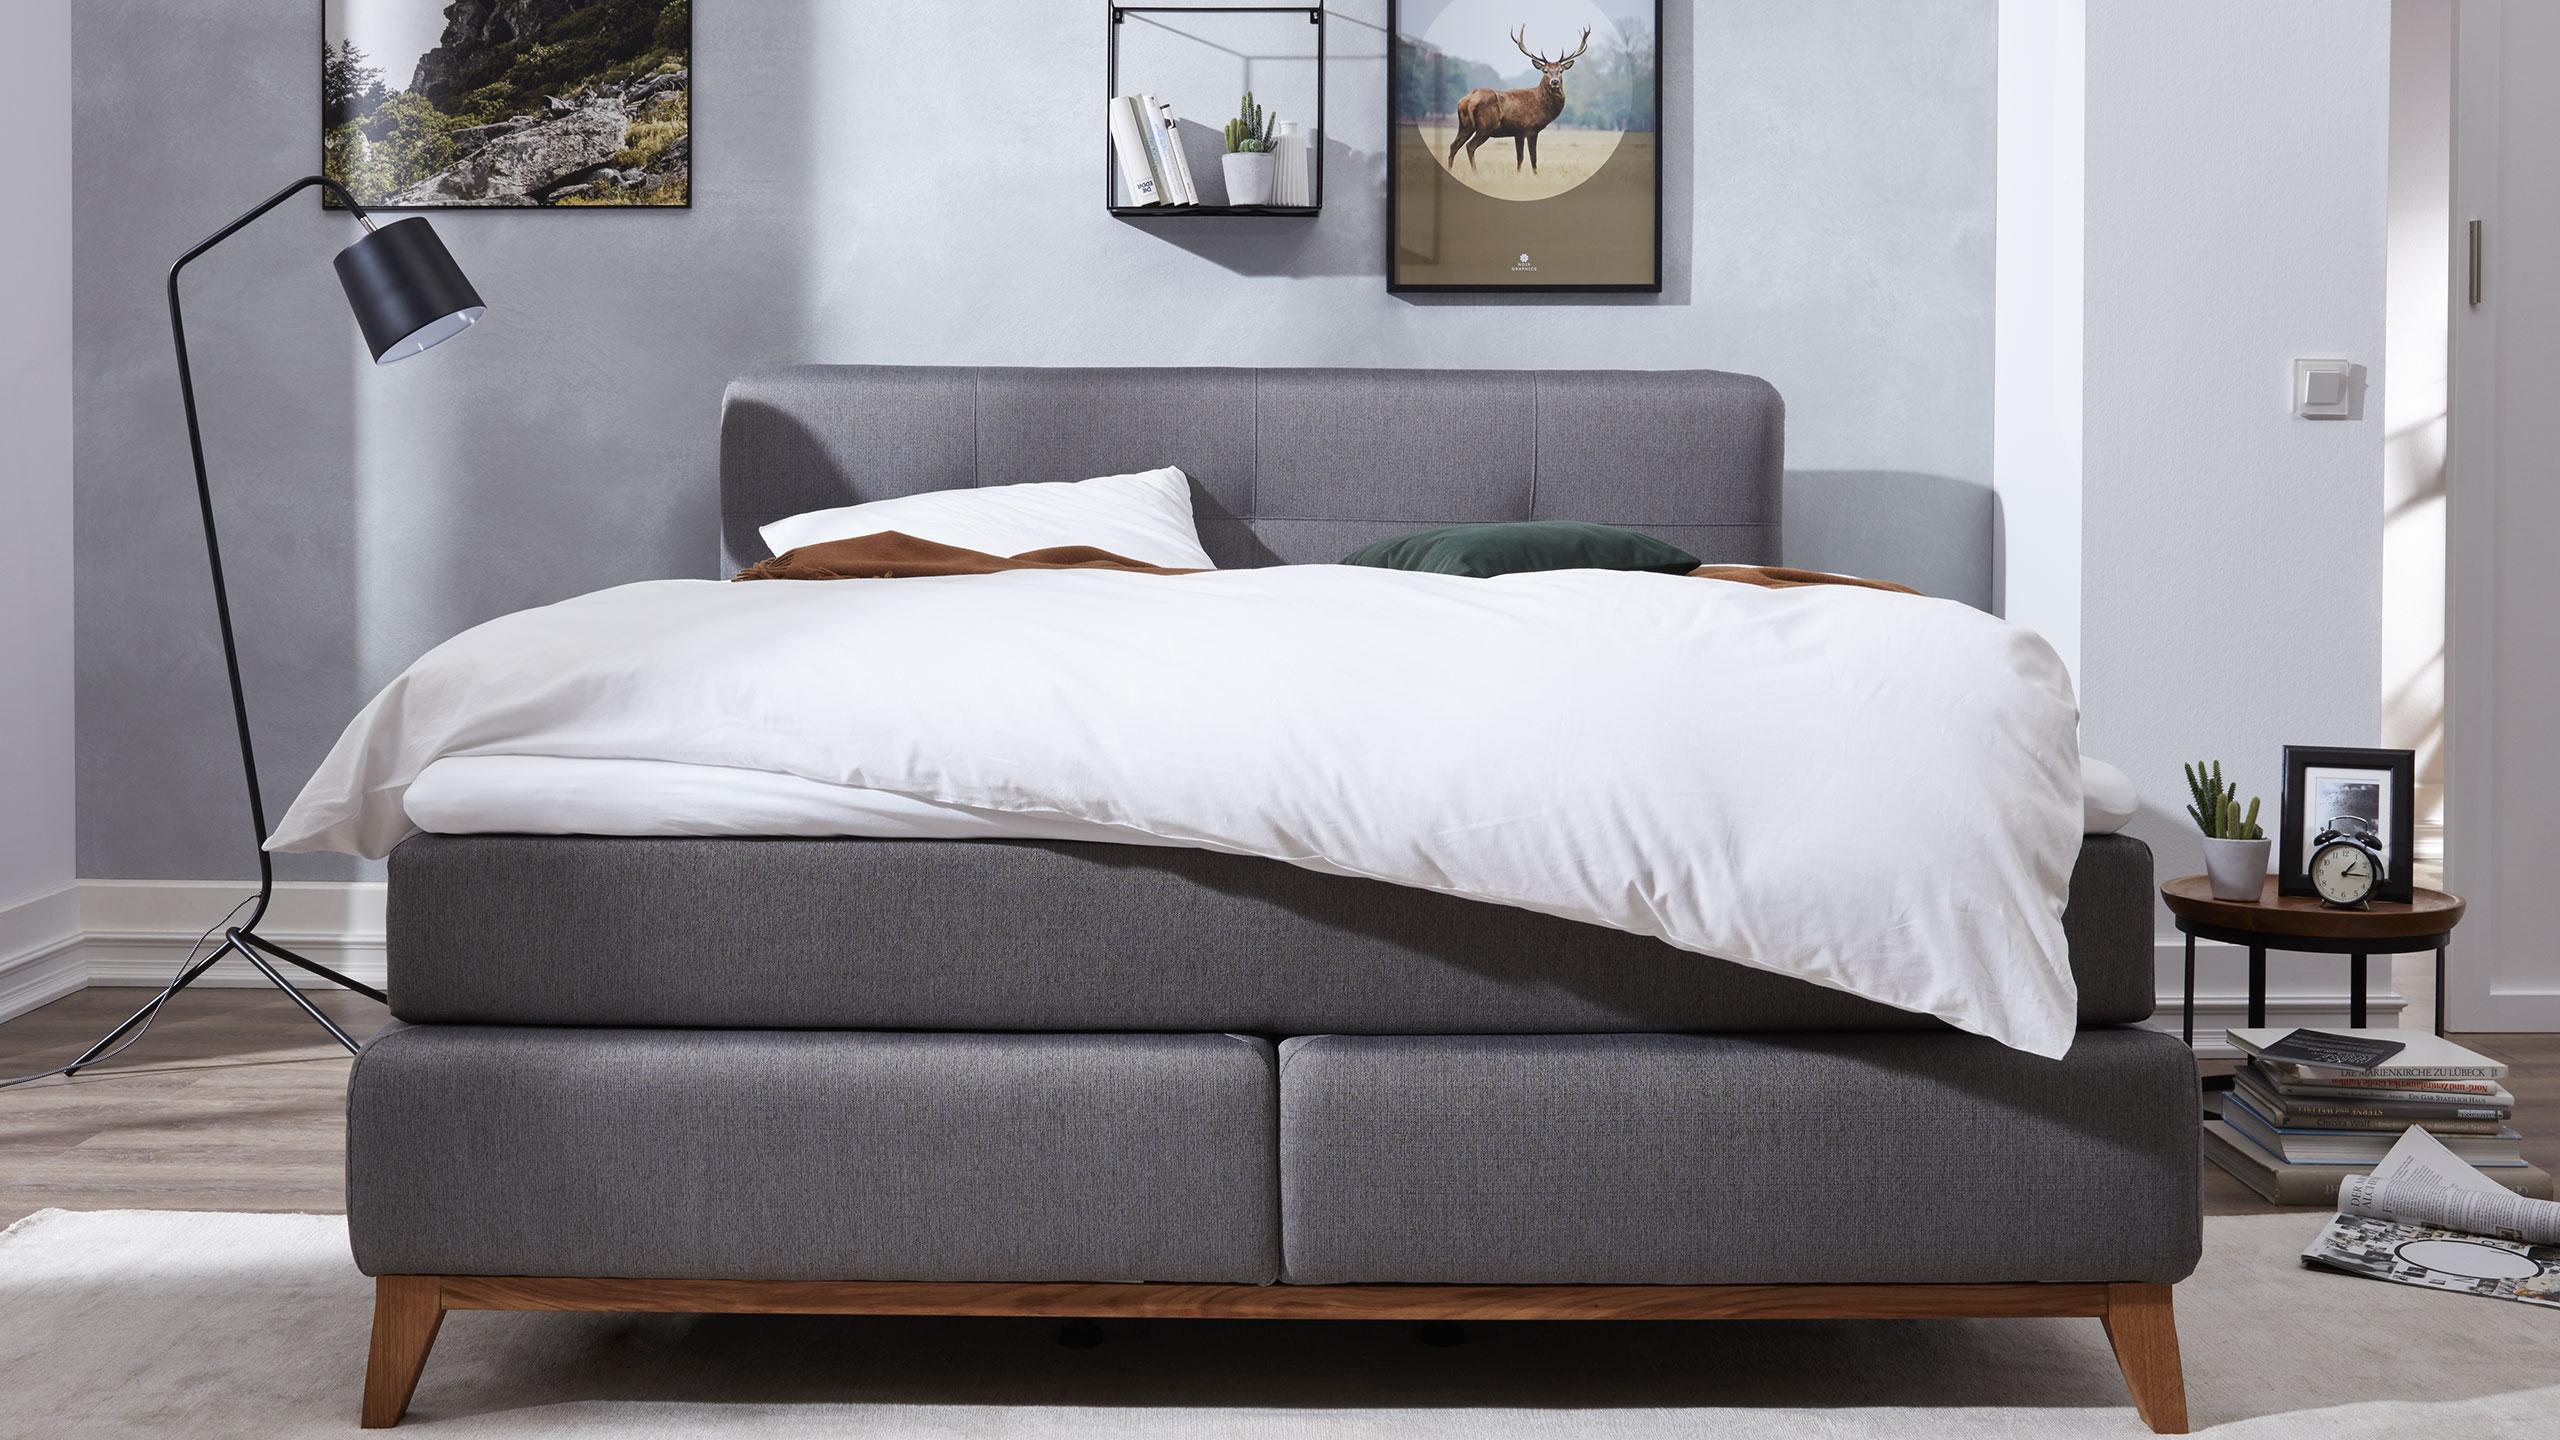 das schlafzimmer skandinavisch einrichten interliving. Black Bedroom Furniture Sets. Home Design Ideas